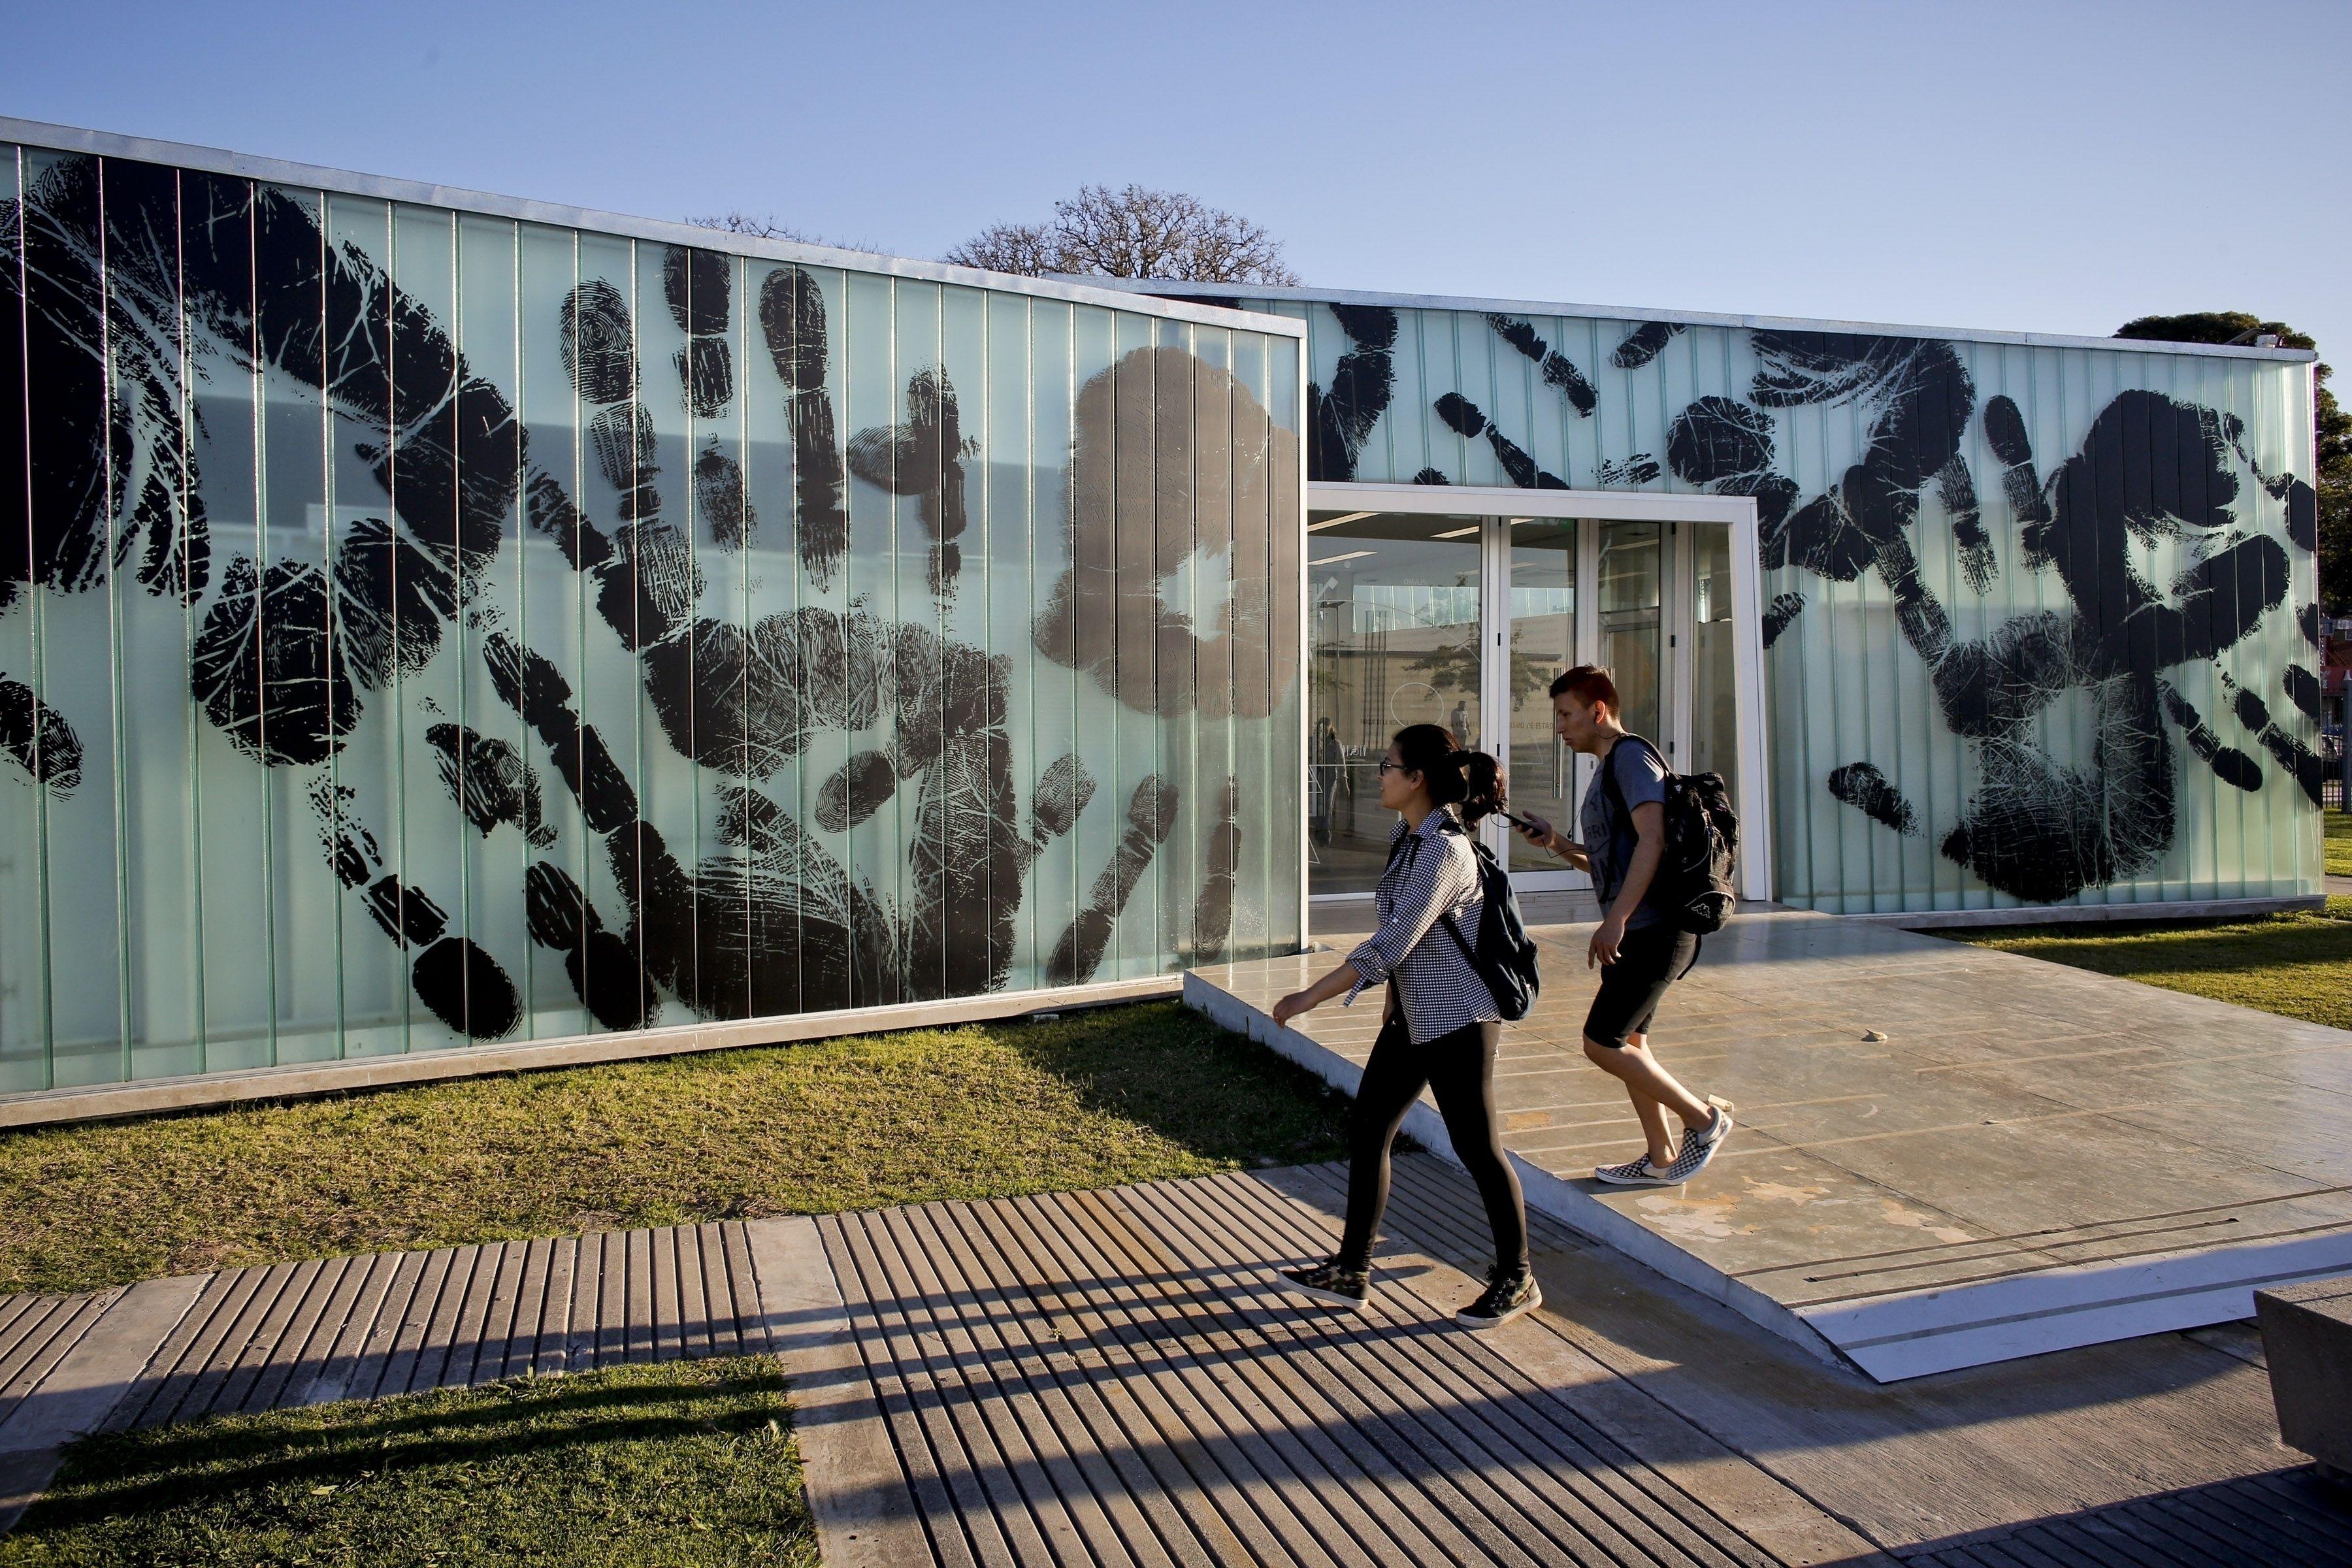 Bienalsur Cambia Espacios P Blicos En Buenos Aires # Muebles Jozami Paran? Entre R?os